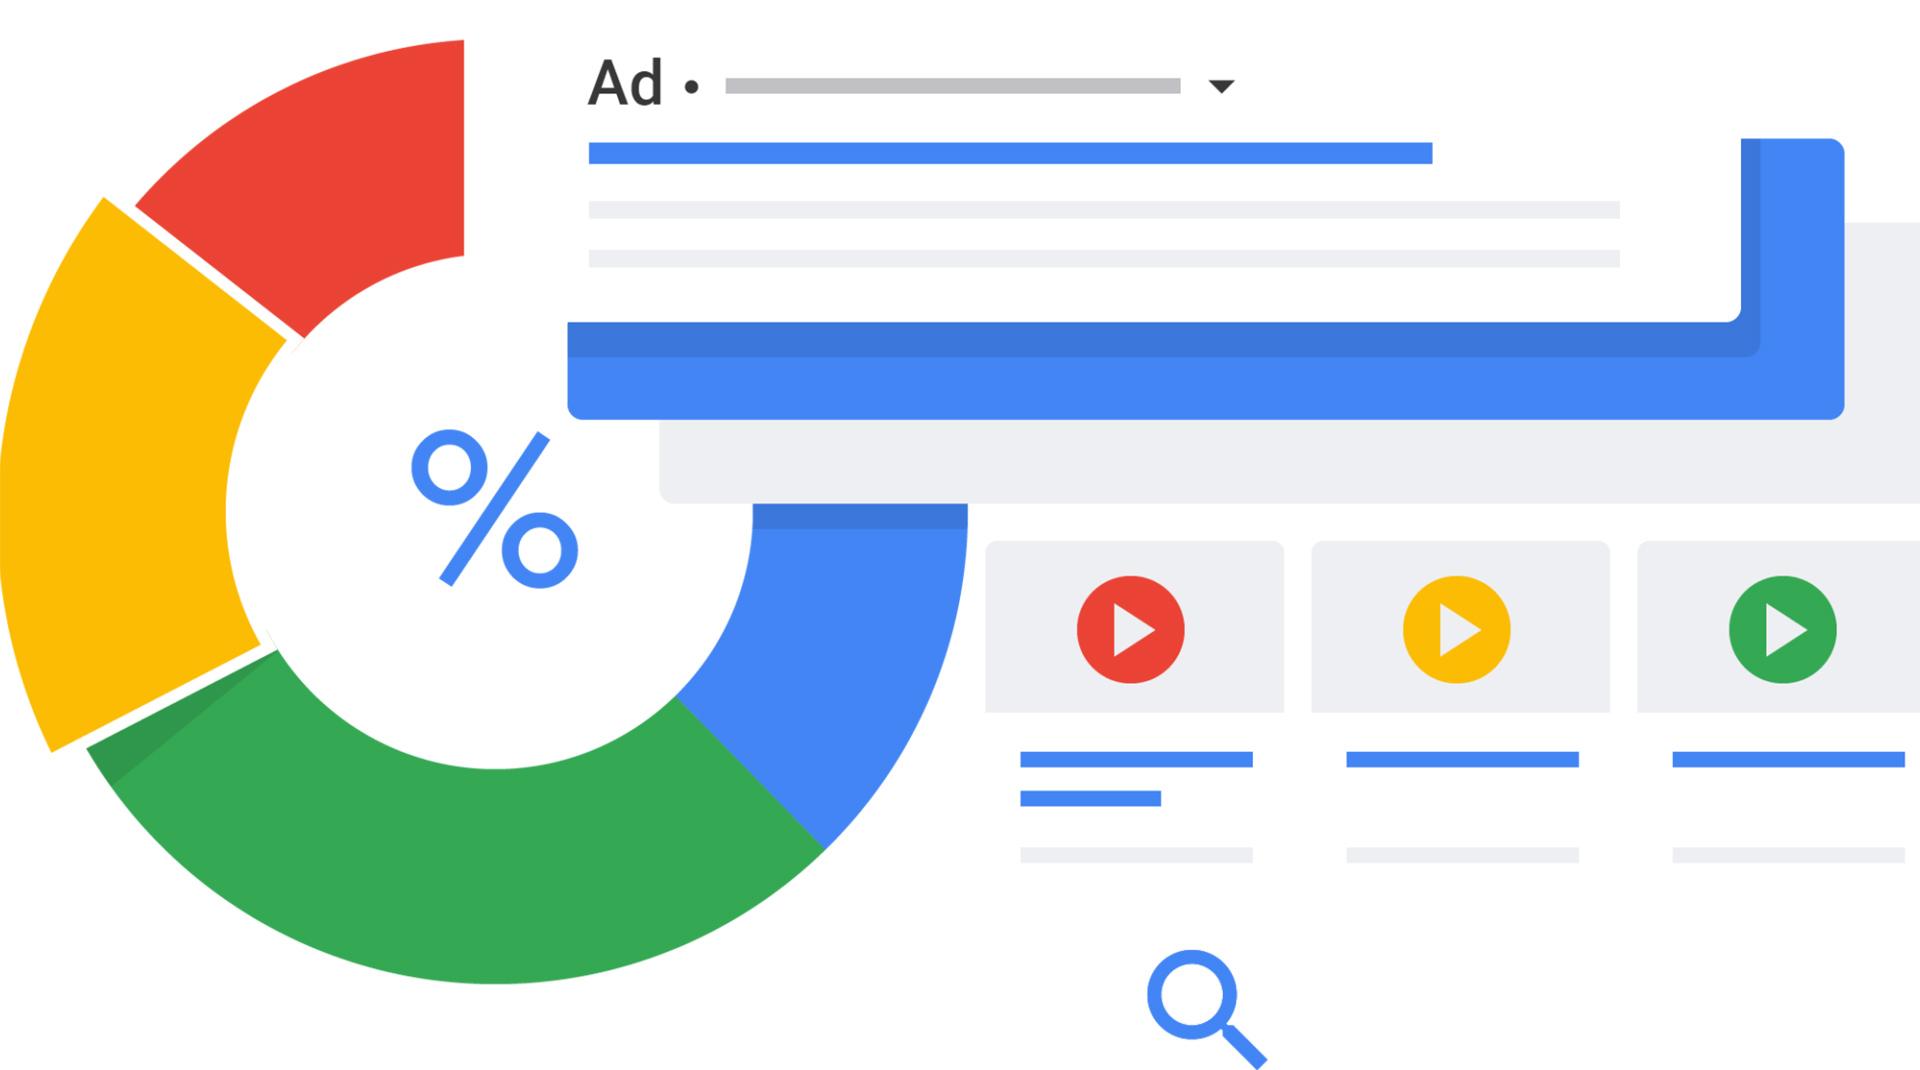 Исследование: всего 19 % пользователей на самом деле кликают на рекламу в поисковиках